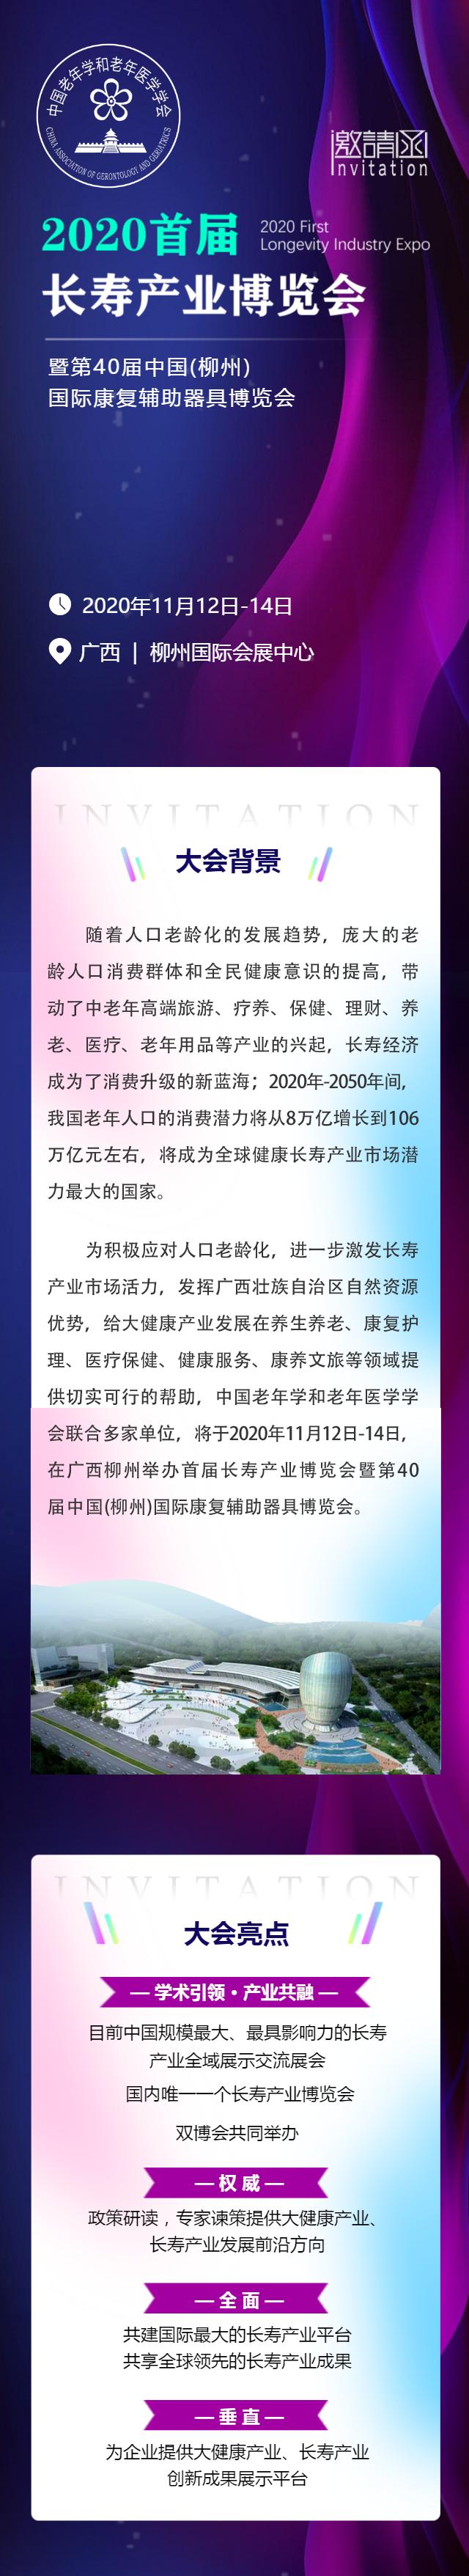 2020首届长寿产业博览会_01.png